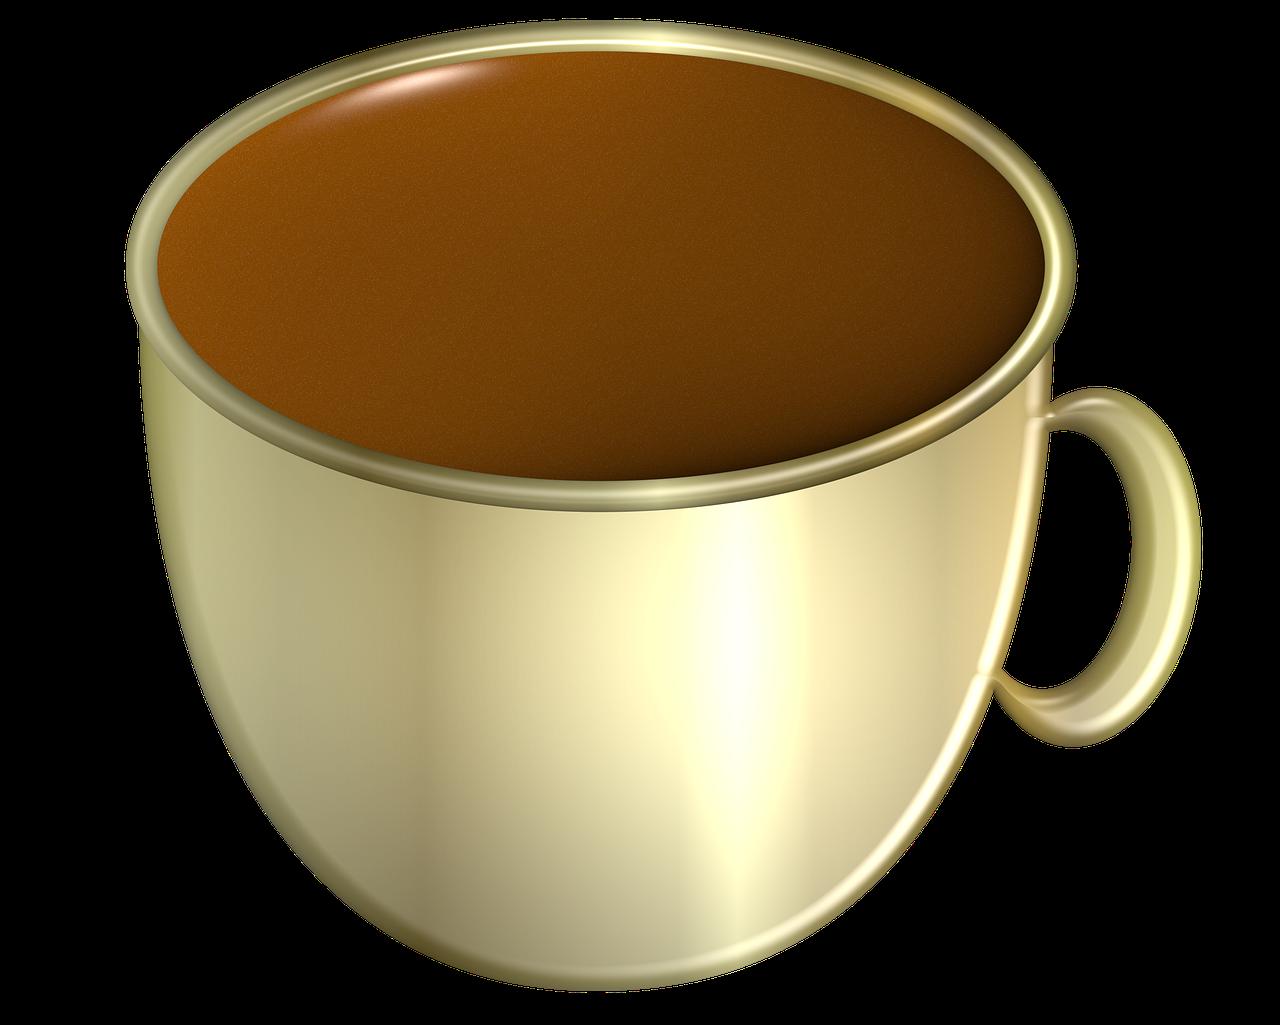 Coffee brown drink sweet. Hot clipart cup joe